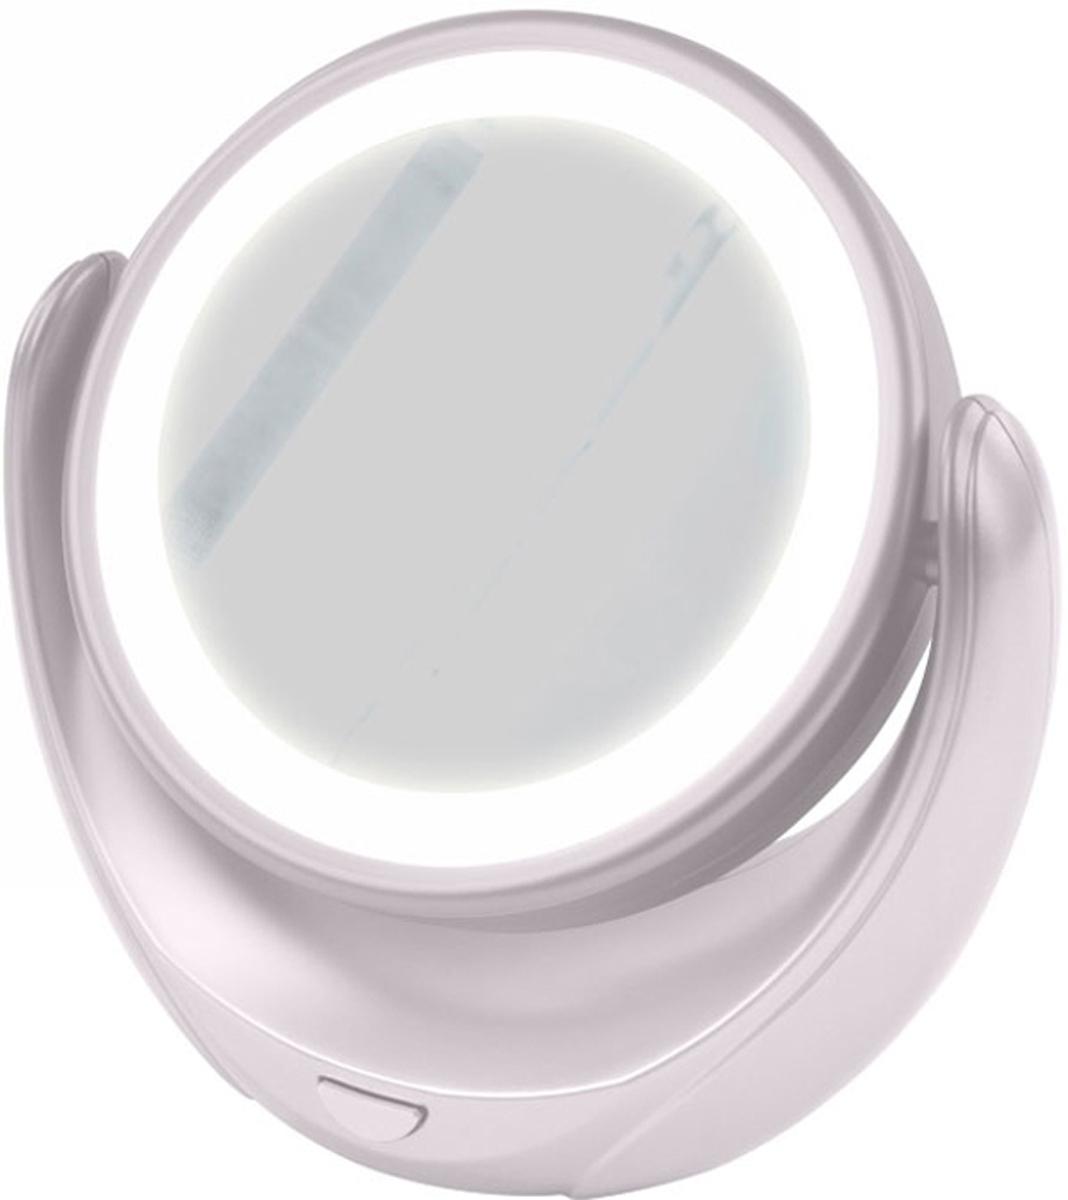 Marta MT-2653, White Pearl зеркало с подсветкойMT-2653Marta MT-2653 - стильное и элегантное настольное зеркало с подсветкой и пятикратным увеличением отражения одной из поверхностей. Идеально подходит для тщательного нанесения макияжа и ухода за кожей лица. Зеркало позволяет изменять угол наклона для достижения максимального удобства, а также имеет две зеркальные стороны, одна из которых обладает свойством пятикратного увеличения отражения, что особенно важно при кропотливой работе с участками лица, требующими наиболее тщательного внимания. Круговая подсветка по контуру зеркала Marta MT-2653 нормализует и выравнивает освещение, позволяя детально разглядеть все нюансы отражения. Для полноценной работы зеркала используются распространенные элементы питания типа АА на 1,5 В, одного комплекта которых хватит на длительный срок эксплуатации. Простота использования и очистки, функциональность, сопровождающаяся особым комфортом, делают настольное зеркало незаменимым аксессуаром для ухода за лицом и в домашних условиях, и в путешествии.